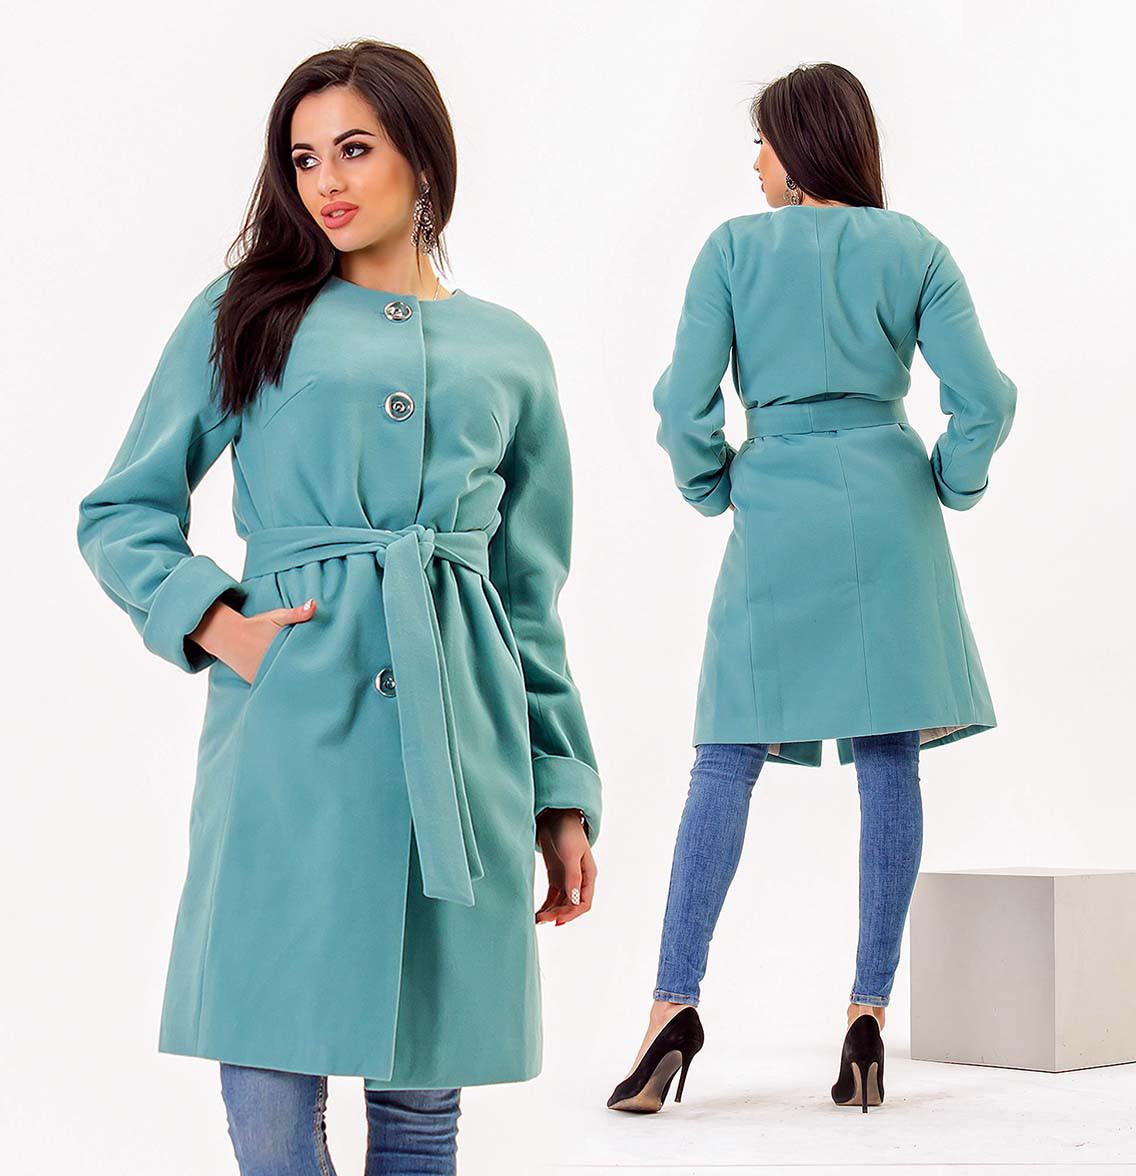 """Женское пальто на синтепоне до больших размеров 467 """"Кашемир Реглан Пояс"""" в расцветках"""